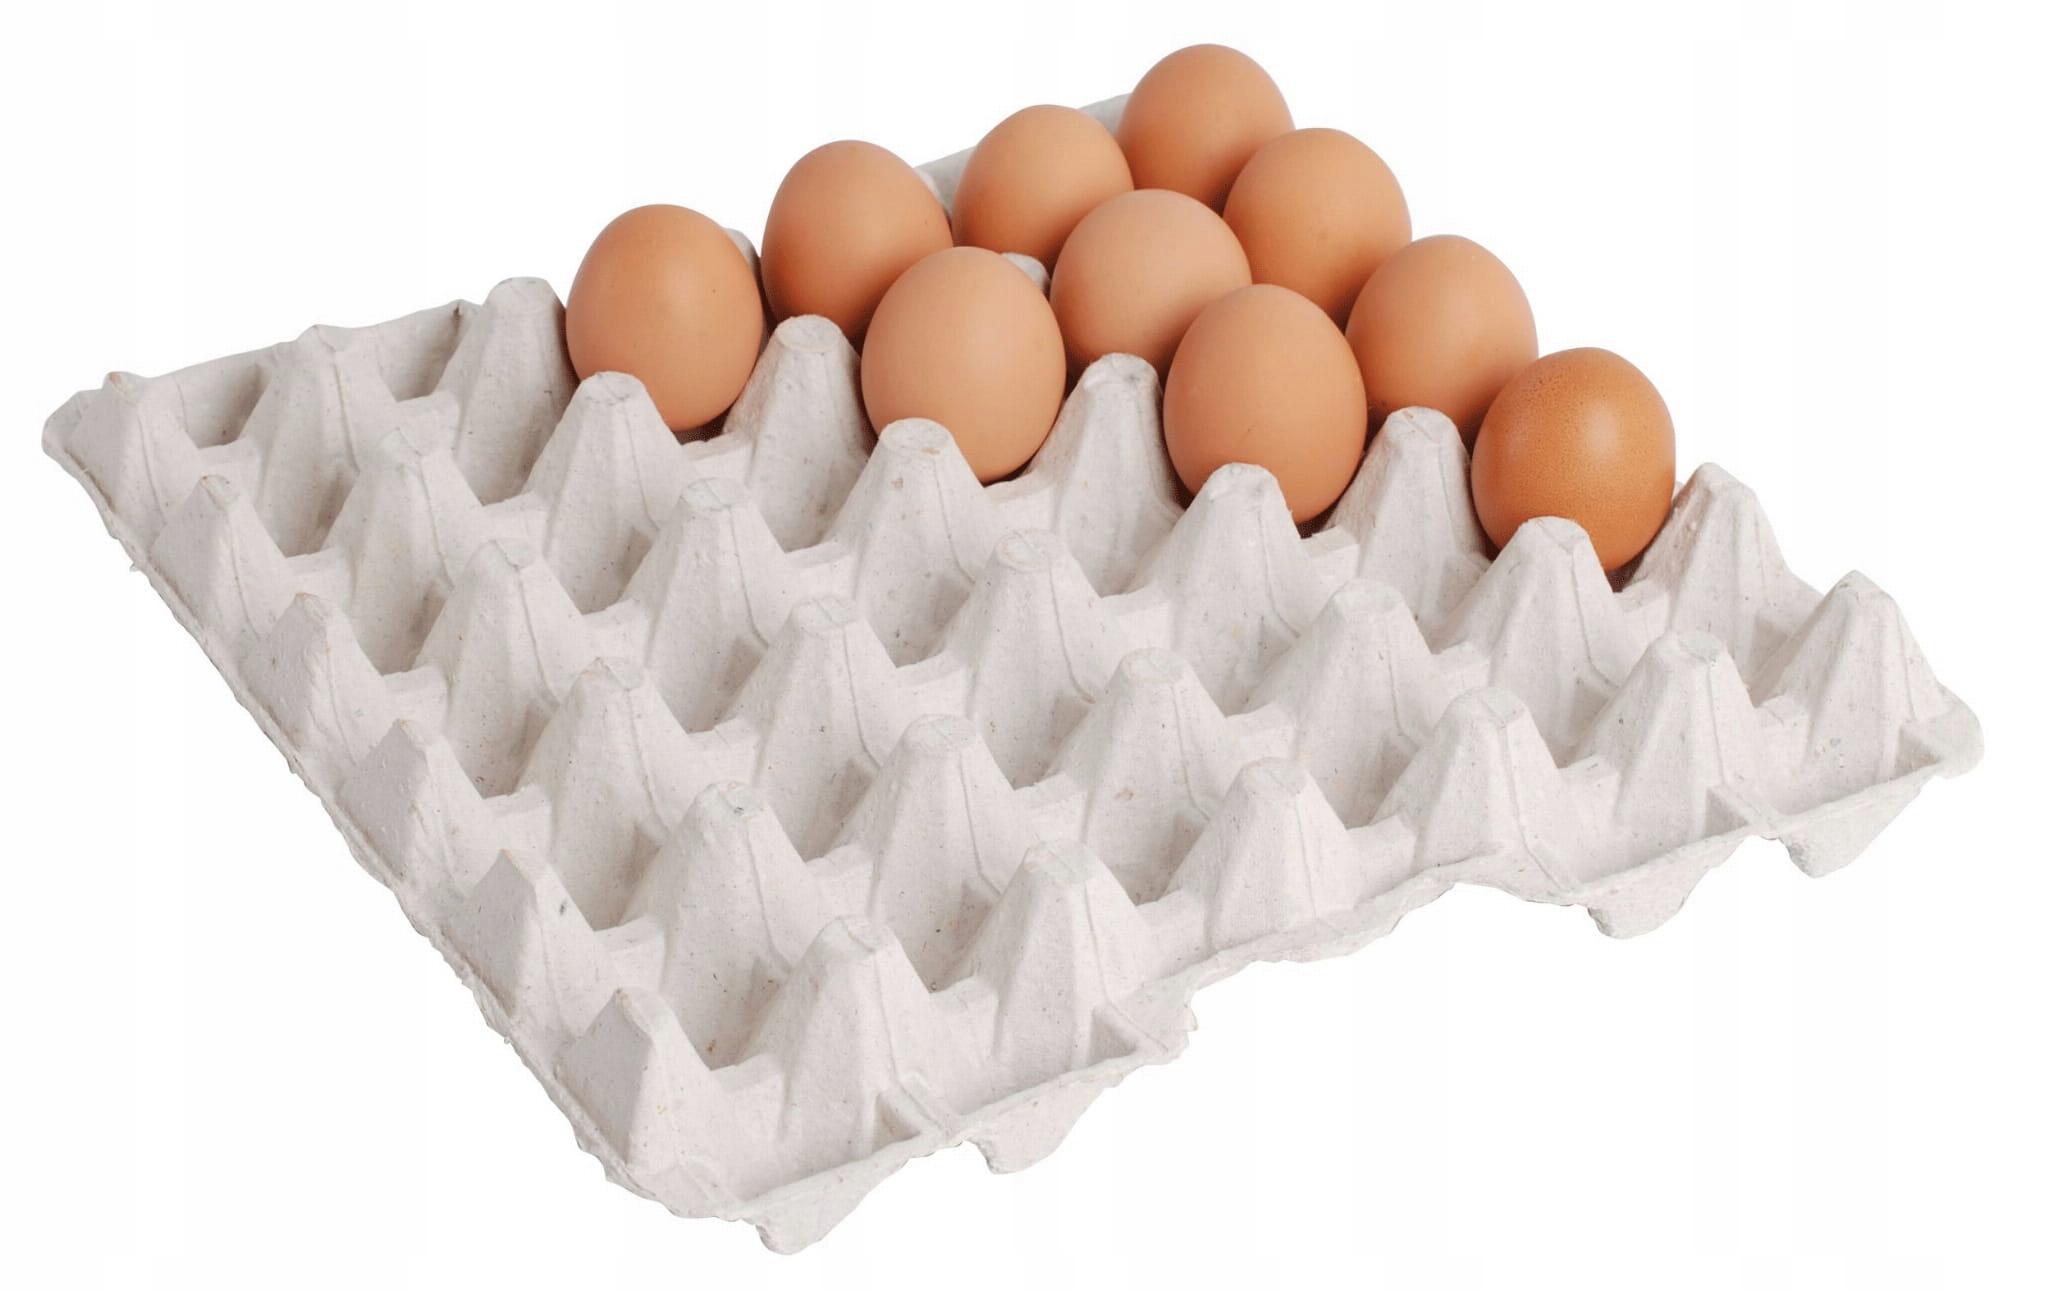 podczas montażu jaja podczas montażu, ile penis wzrasta